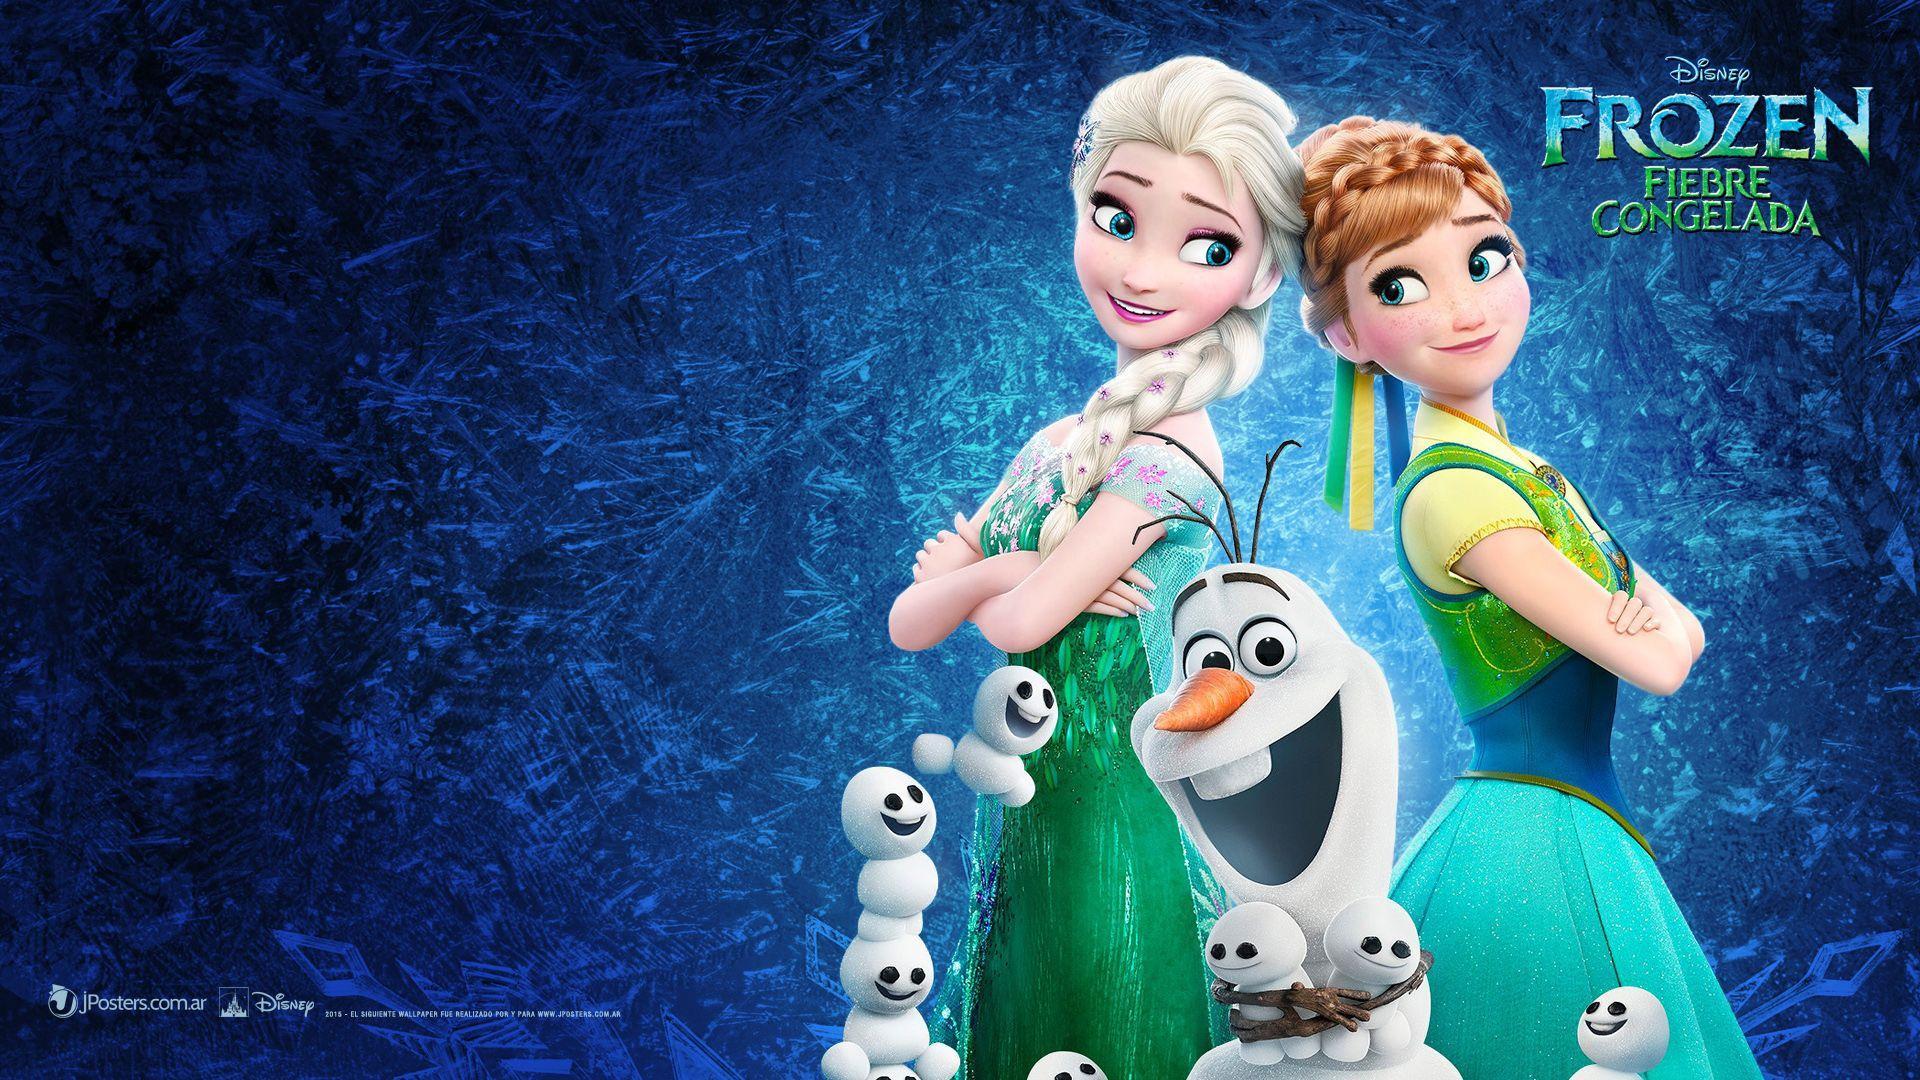 Frozen 2 Wallpapers Top Free Frozen 2 Backgrounds